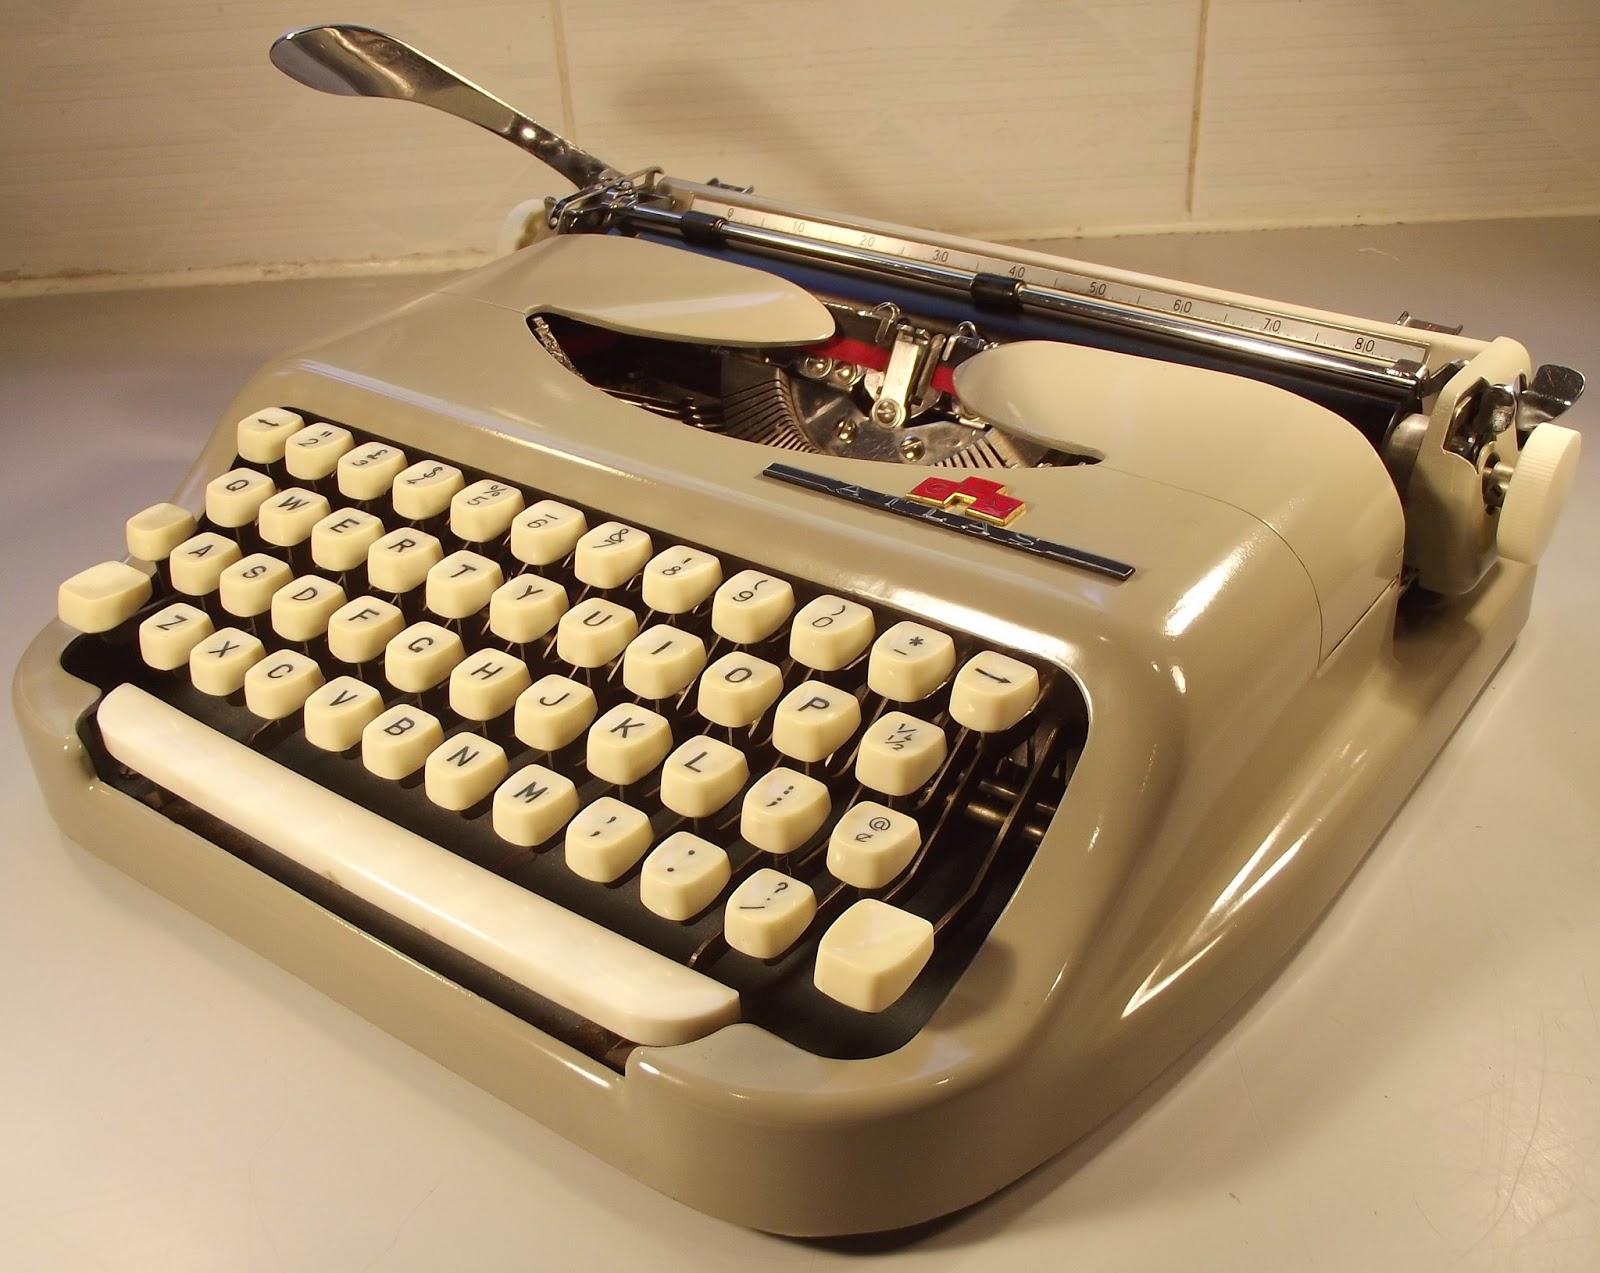 oz Typewriter: Atlas Portable Typewriter